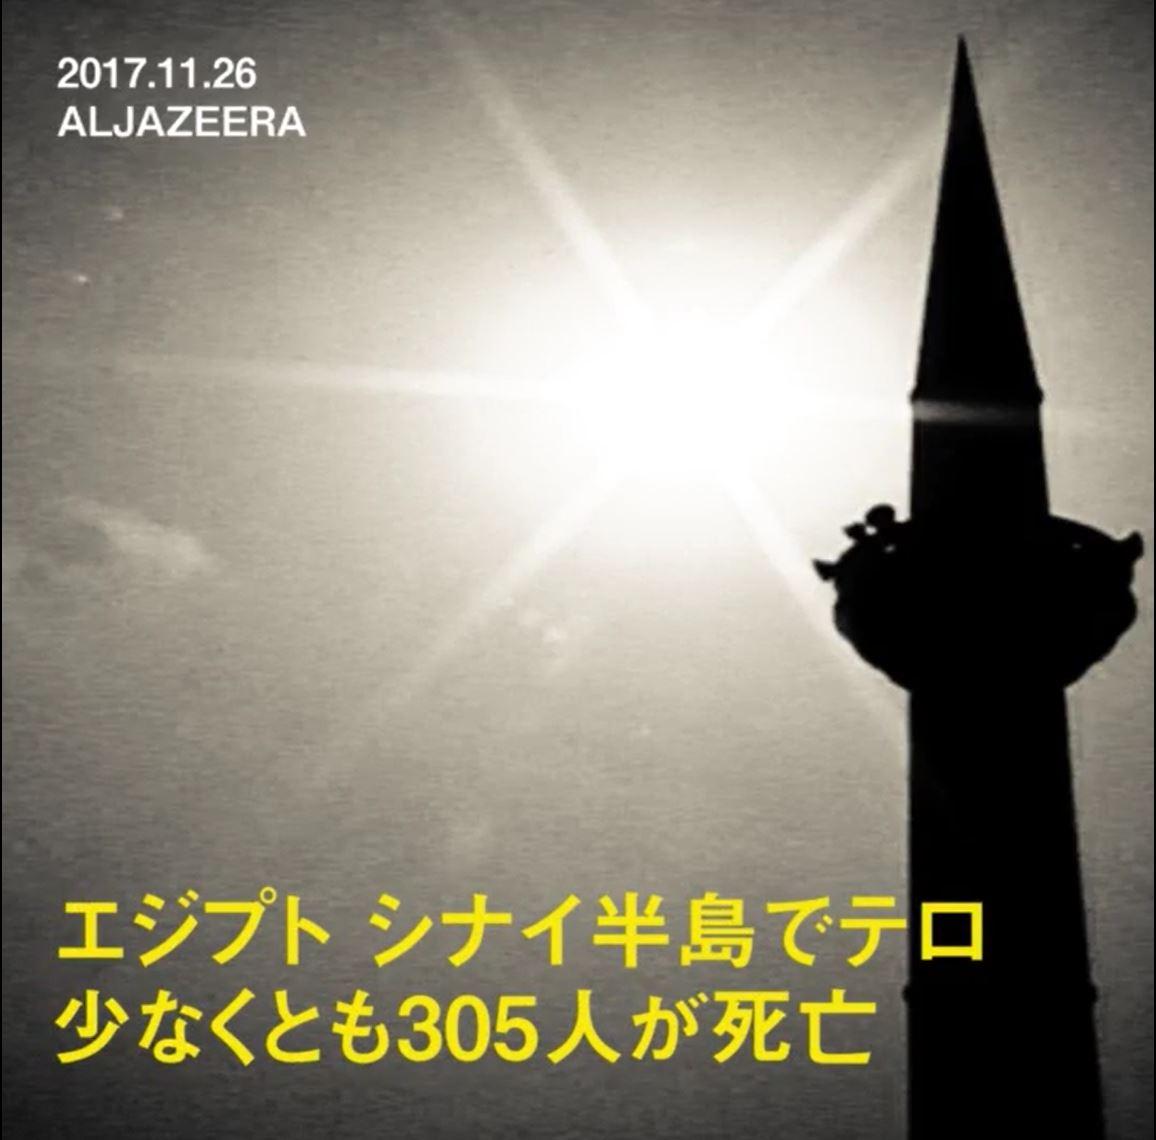 90d172901fee52f47a1dc153696d9117 - 2017.11.26<br>【動画】アルジャジーラの特集